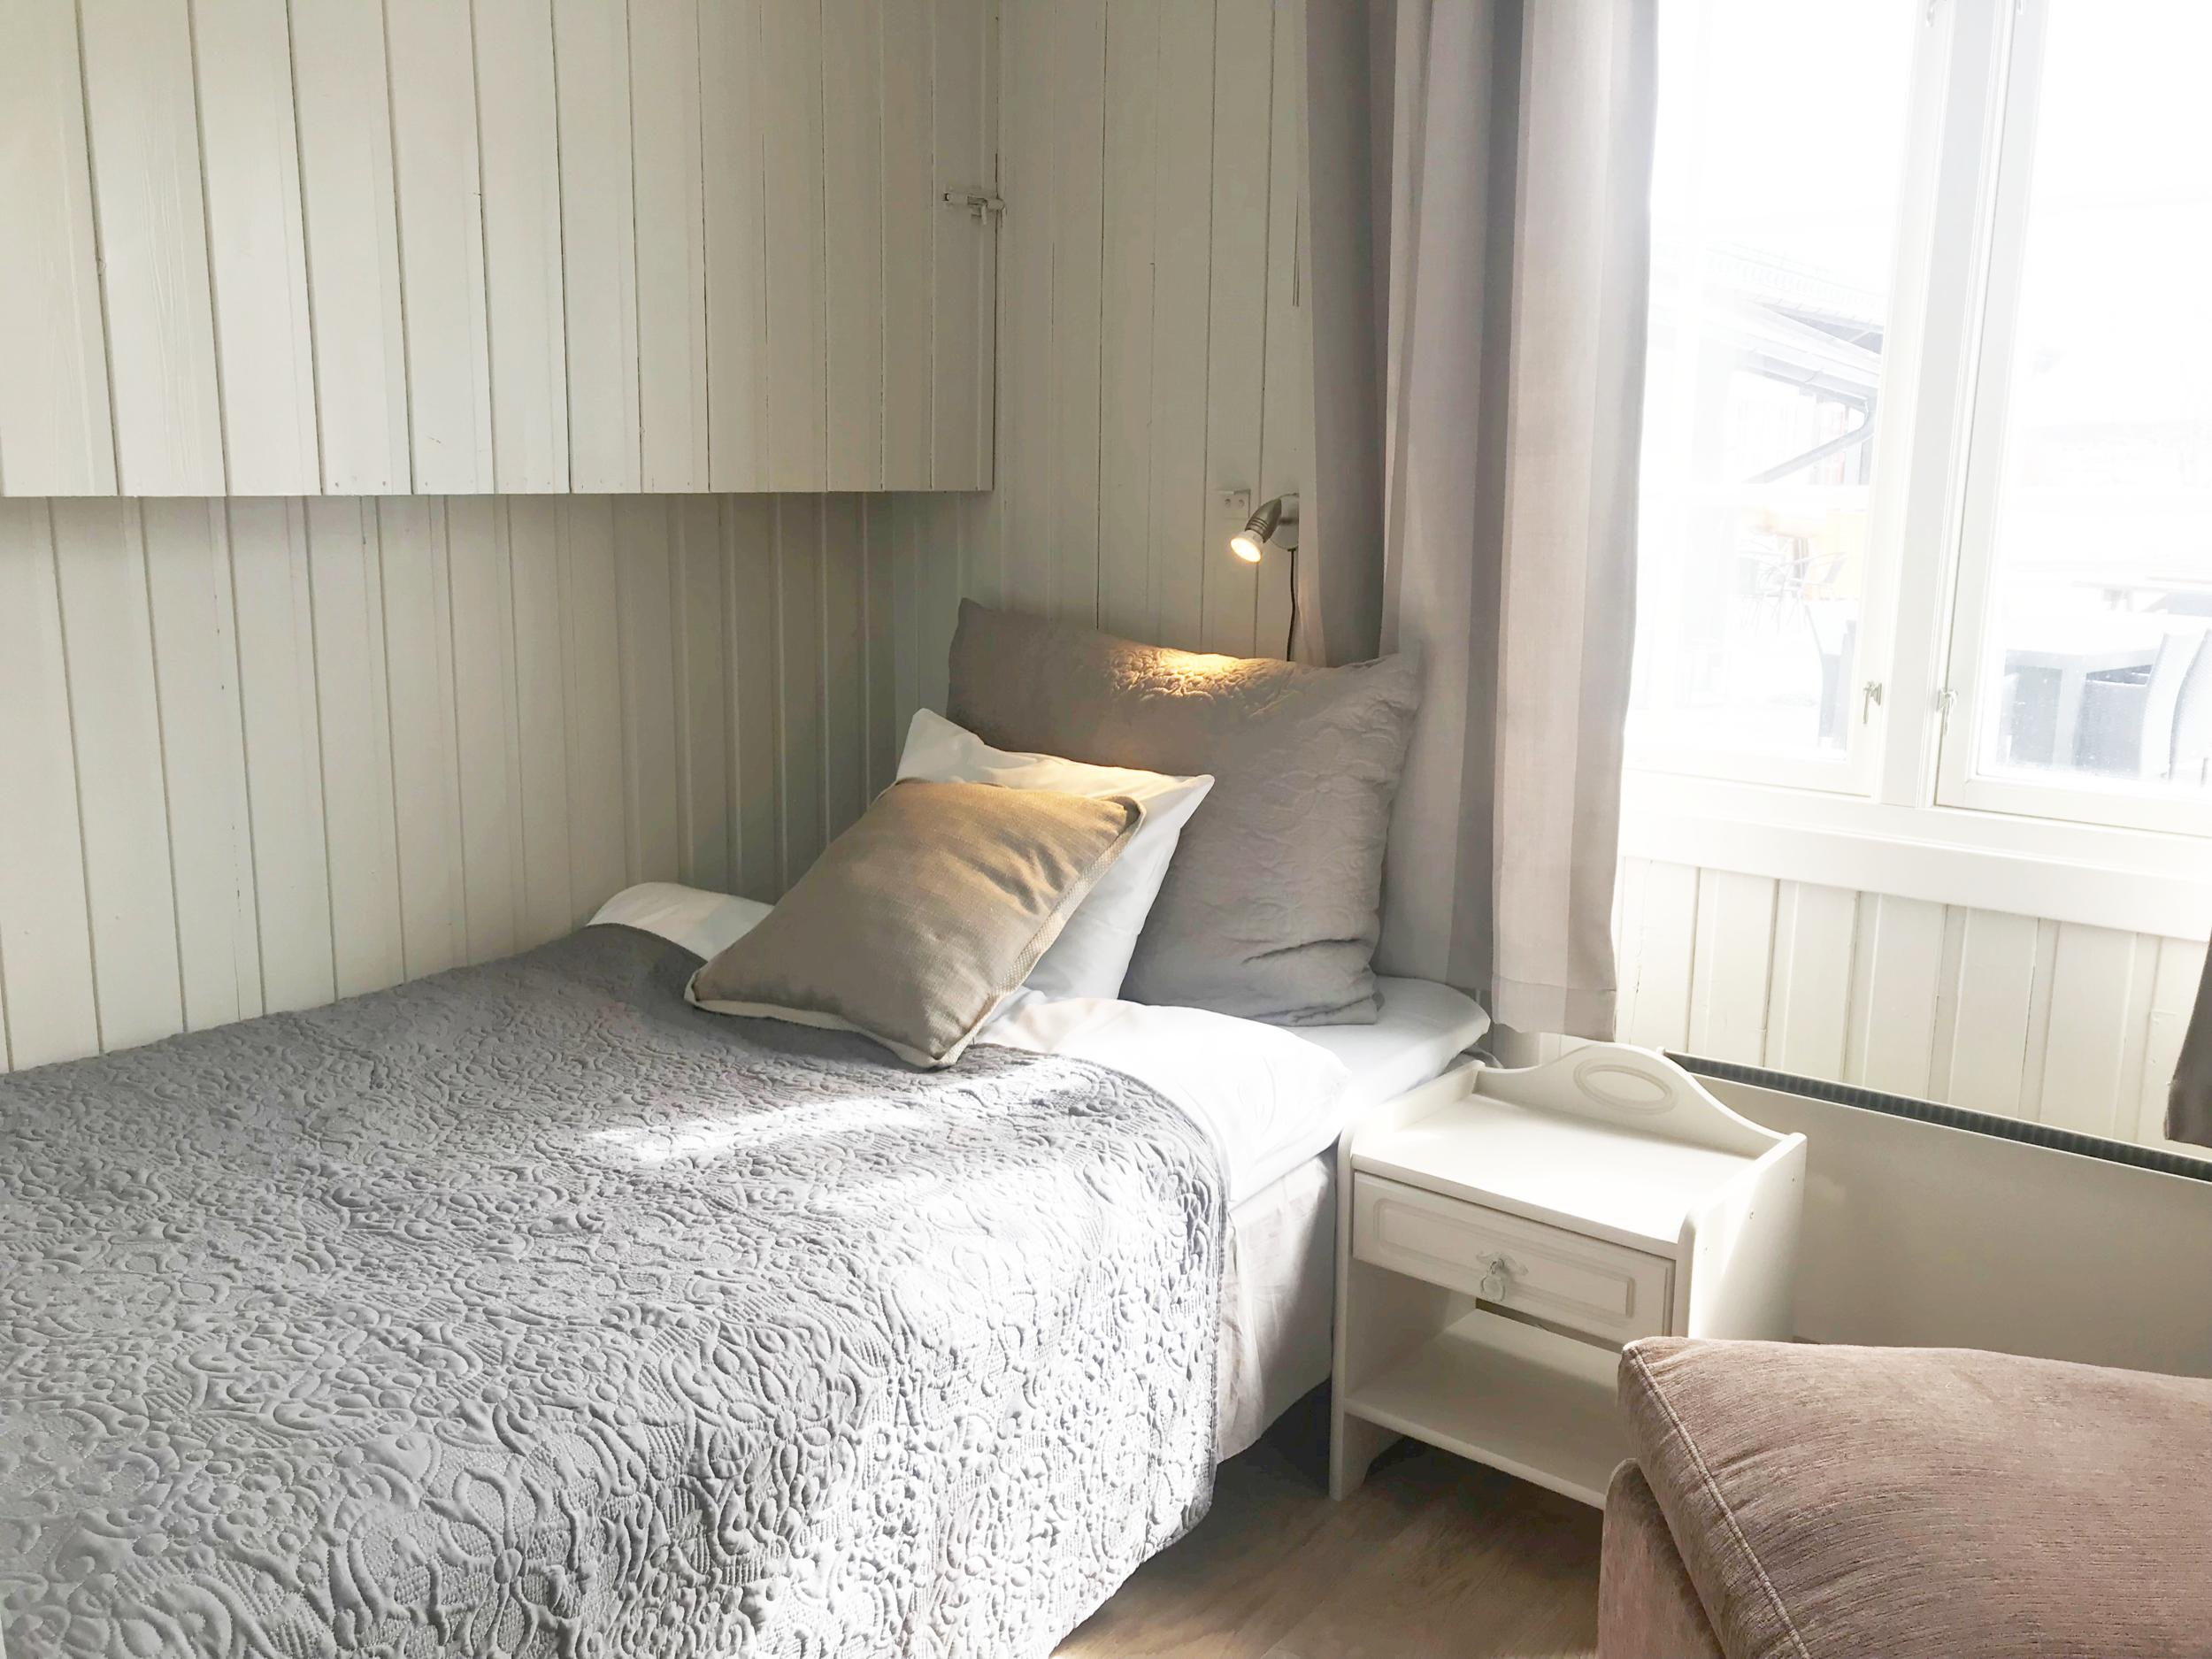 Enkeltrom - Enkeltrommene har køyeseng, og det varierer med 120 cm eller 90 cm i undersenga. Alle rommene er nyoppusset, har gratis WiFi og kabel-TV.